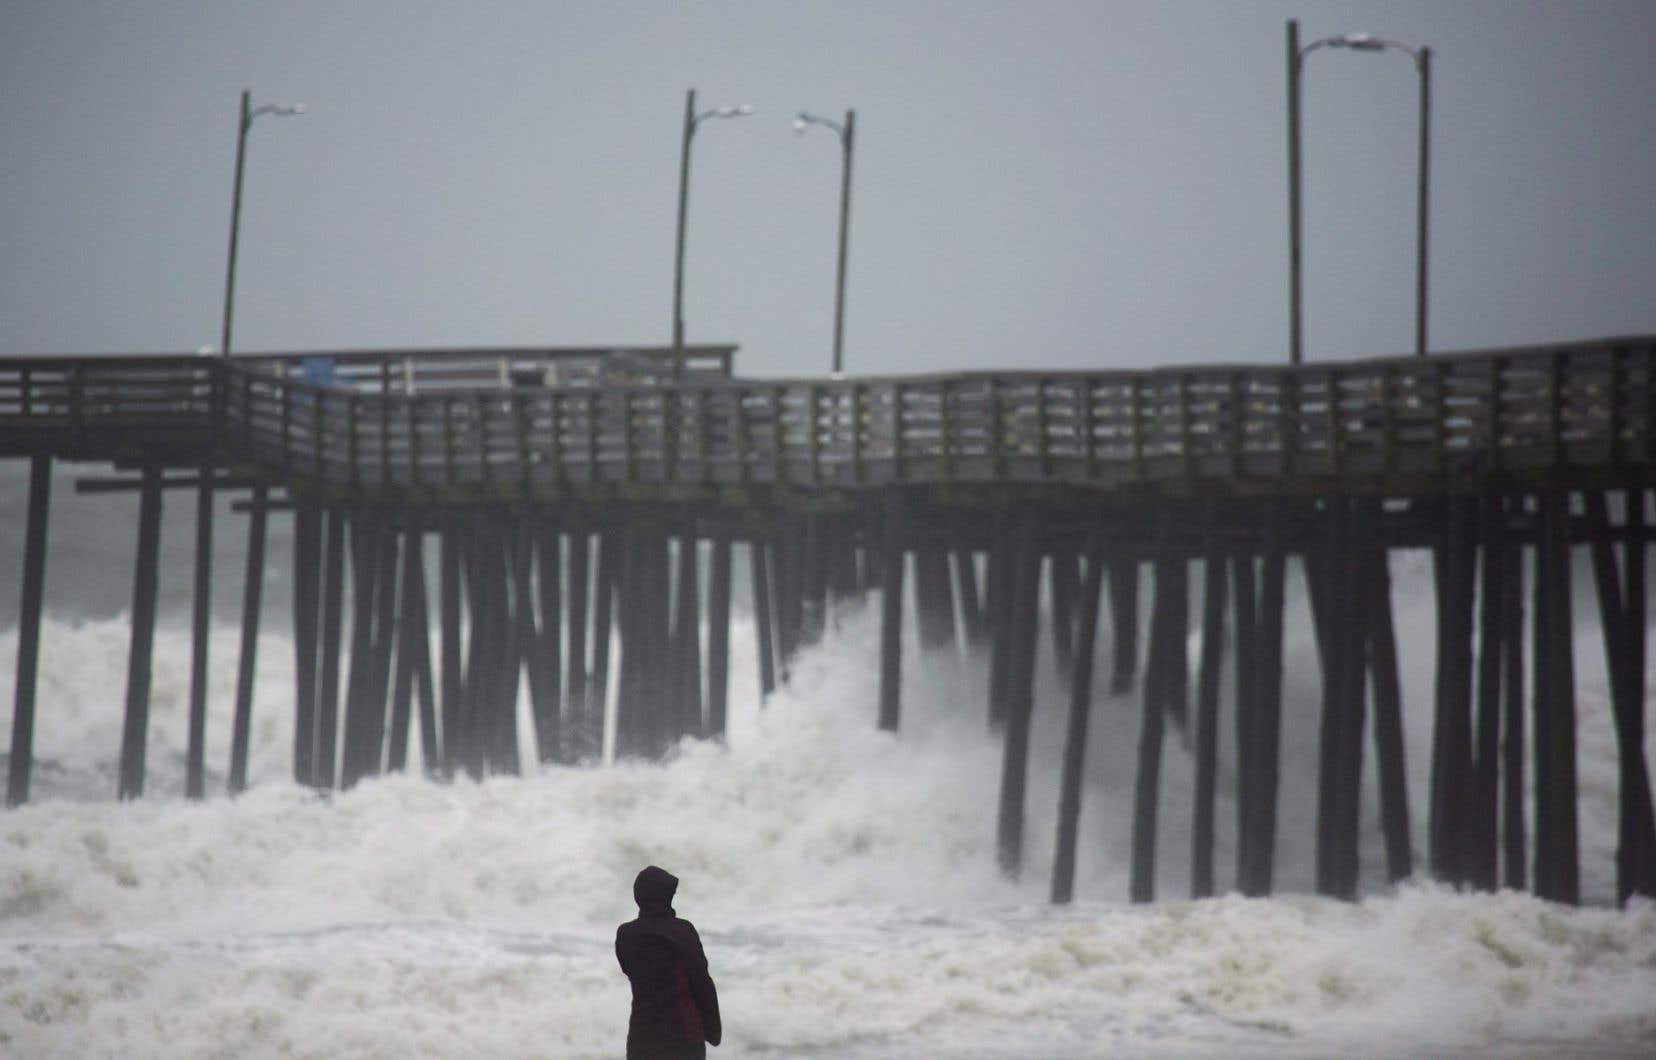 Dimanche matin, ses vents étaient de 100km/h. Hermine se trouvait à 250 kilomètres au sud-est de Ocean City, au Maryland.